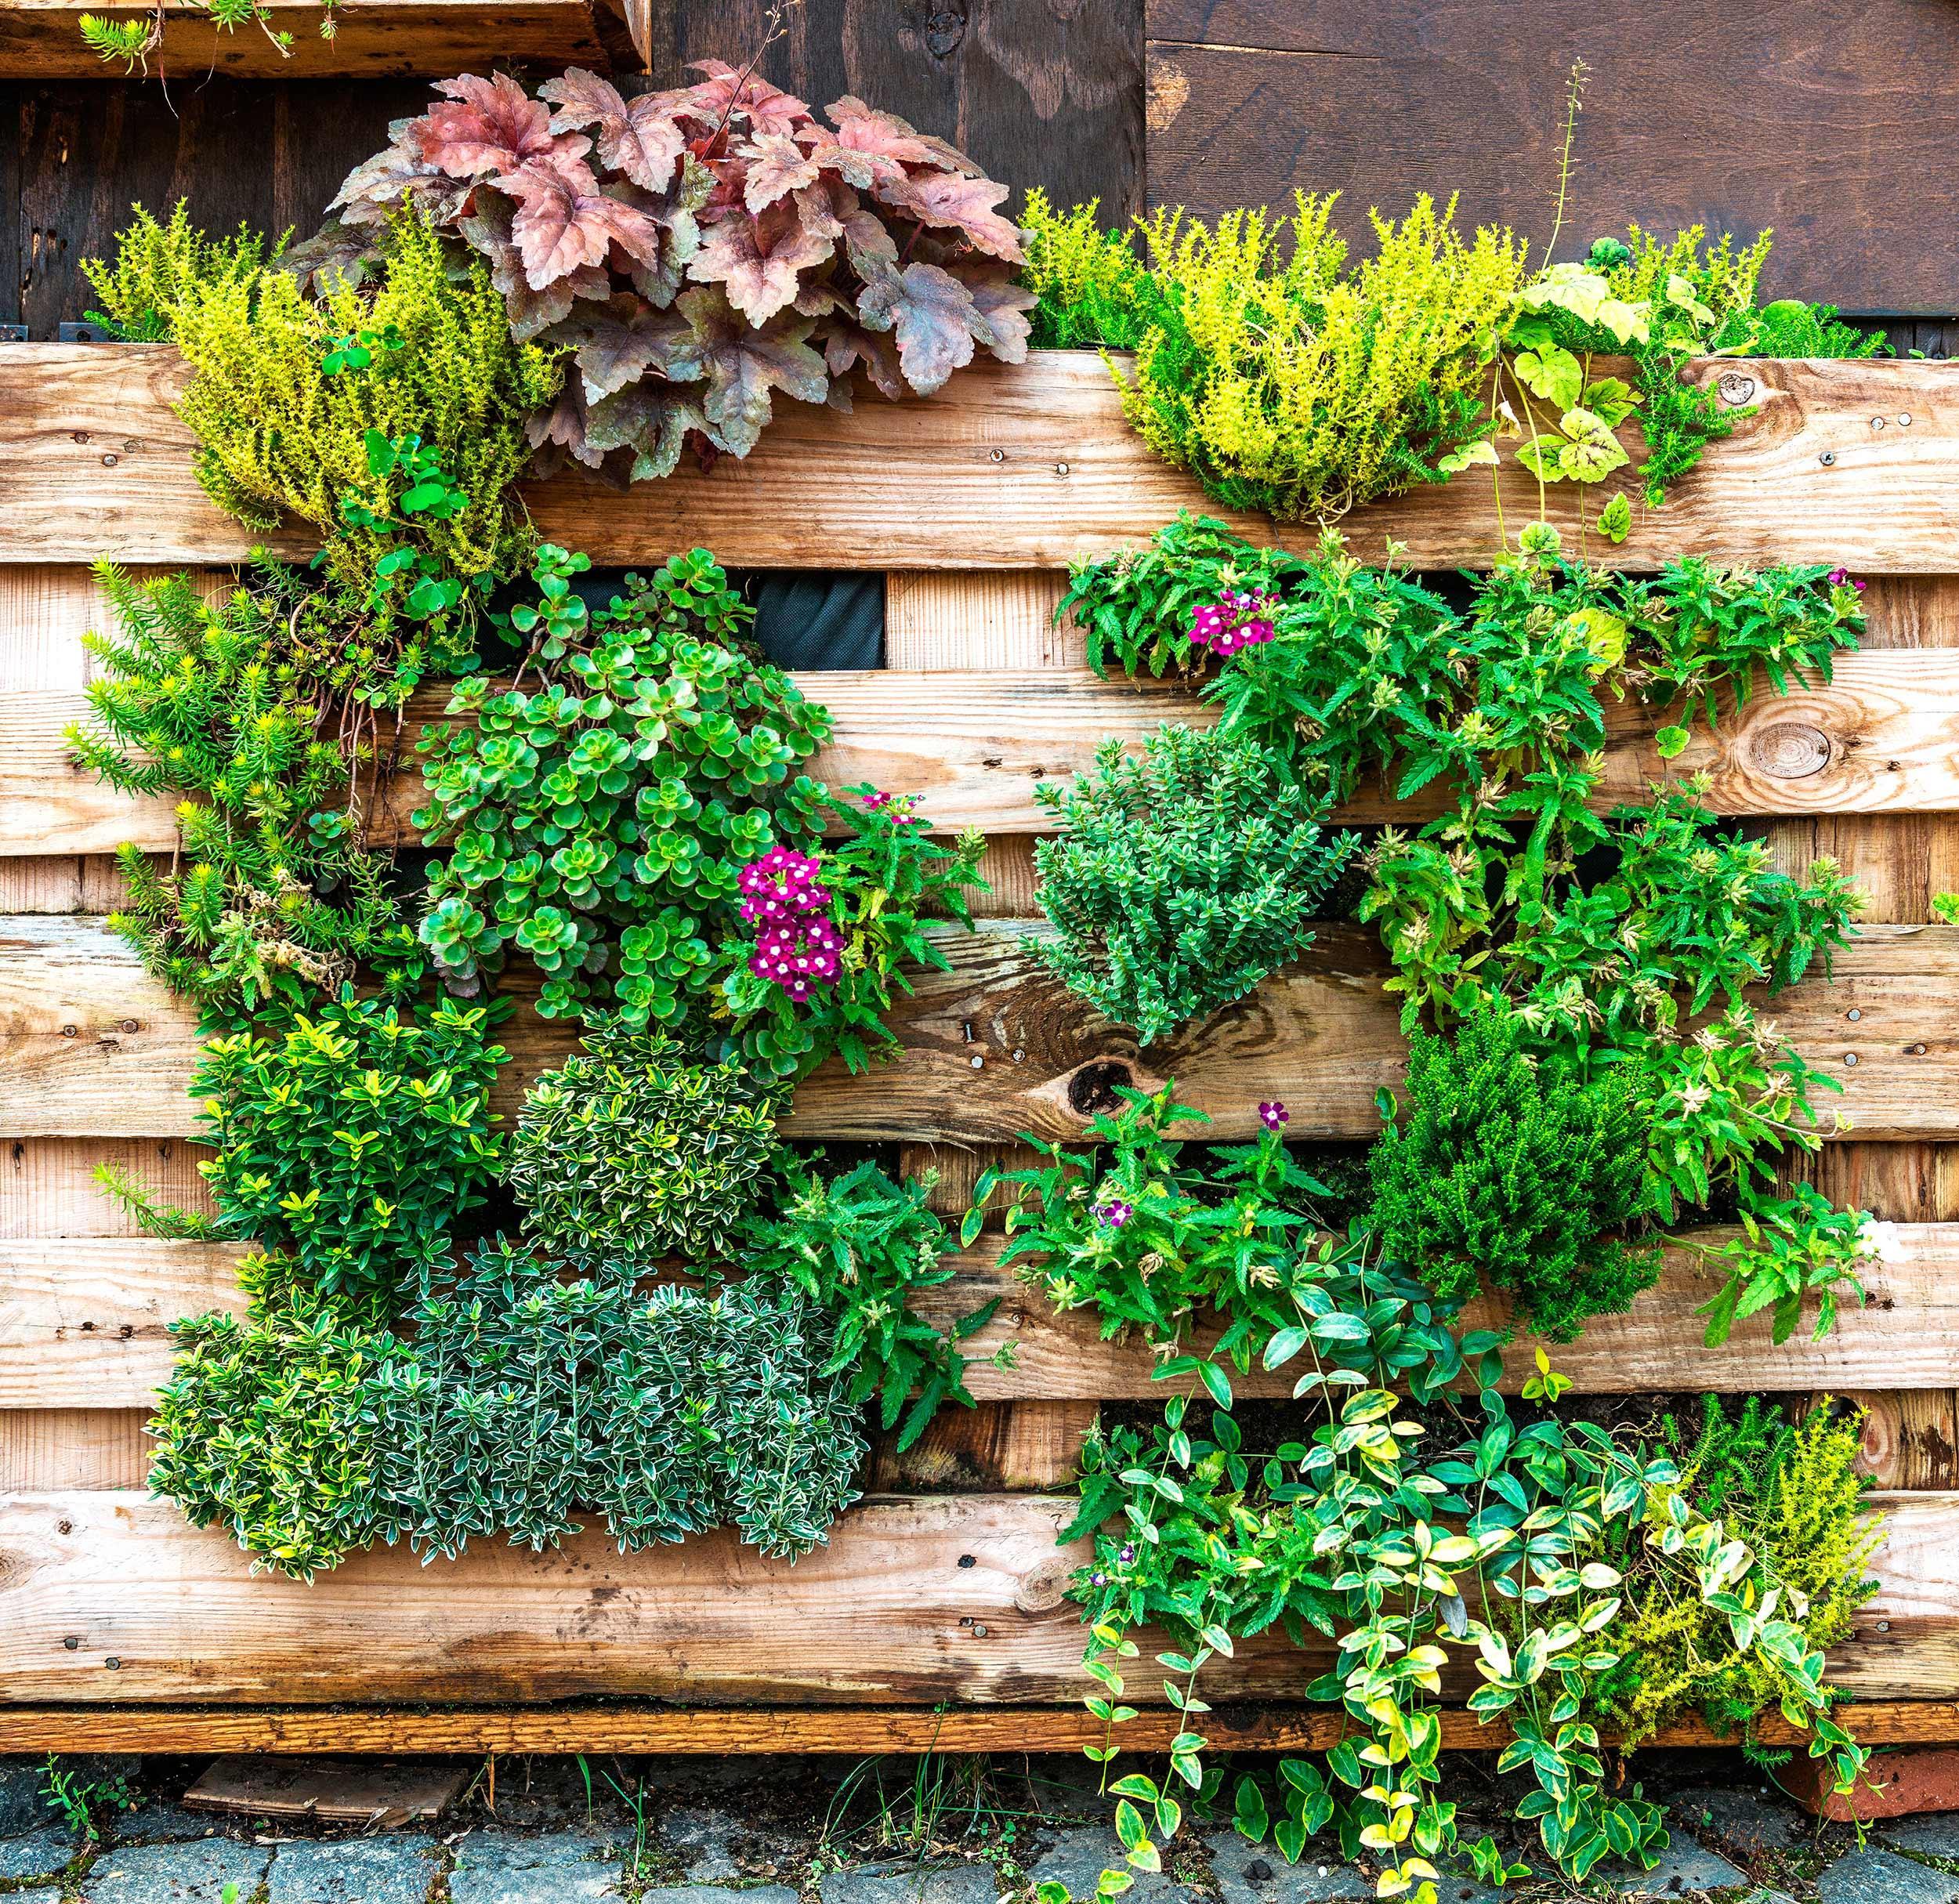 9.jardín-vertical_10-piezas-clave-que-tu-terraza-está-pidiendo_WESTWING-MAGAZINE